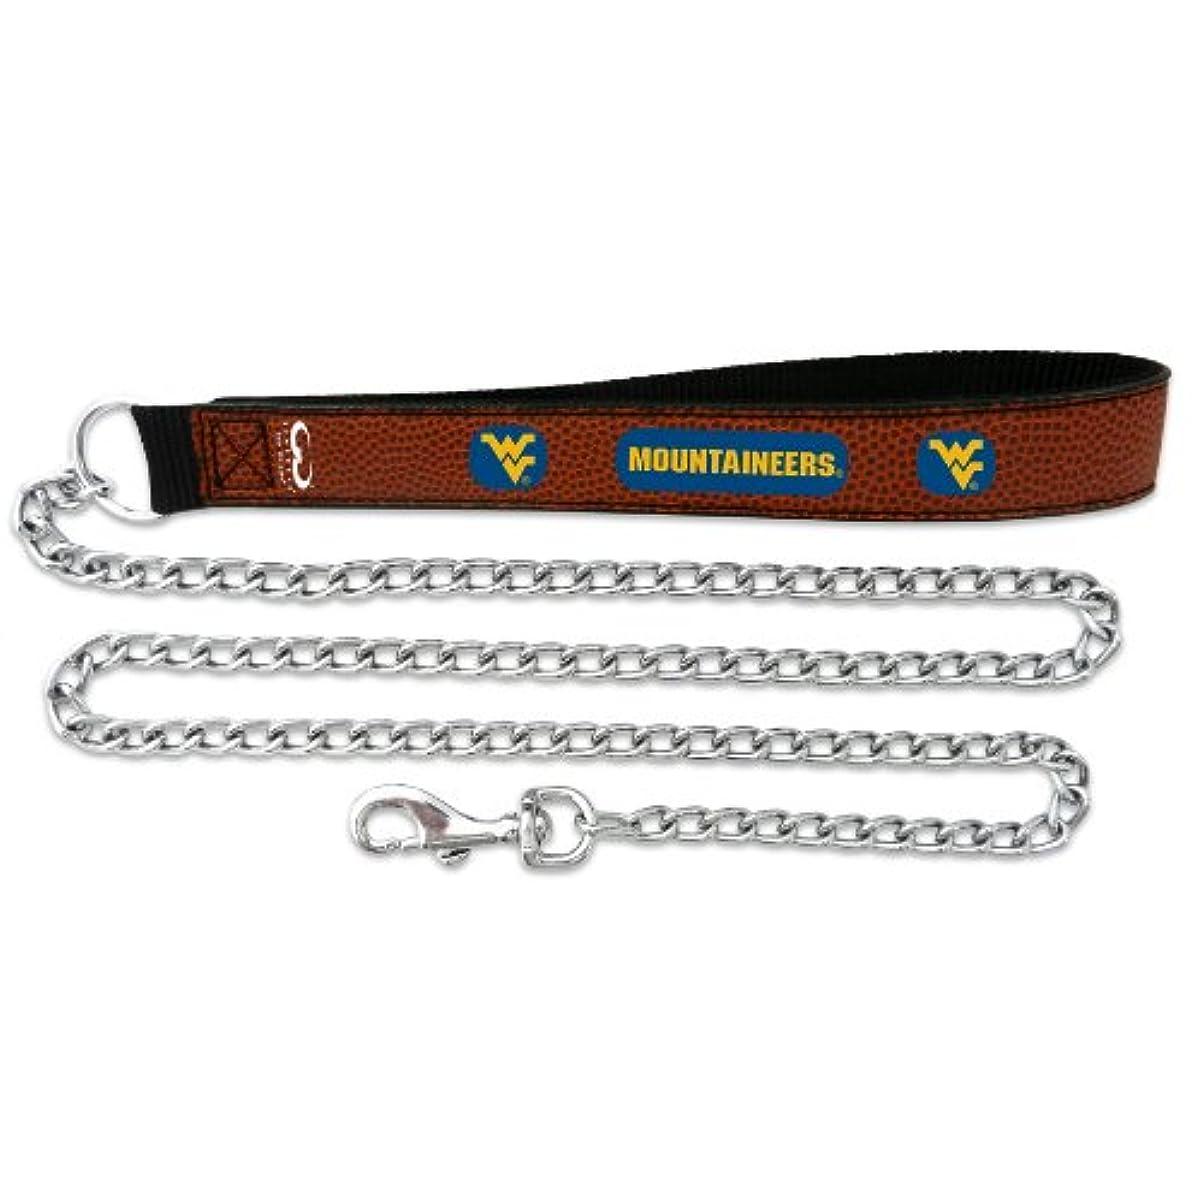 ホストベギンリストWest Virginia Mountaineers Football Leather 3.5mm Chain Leash - L